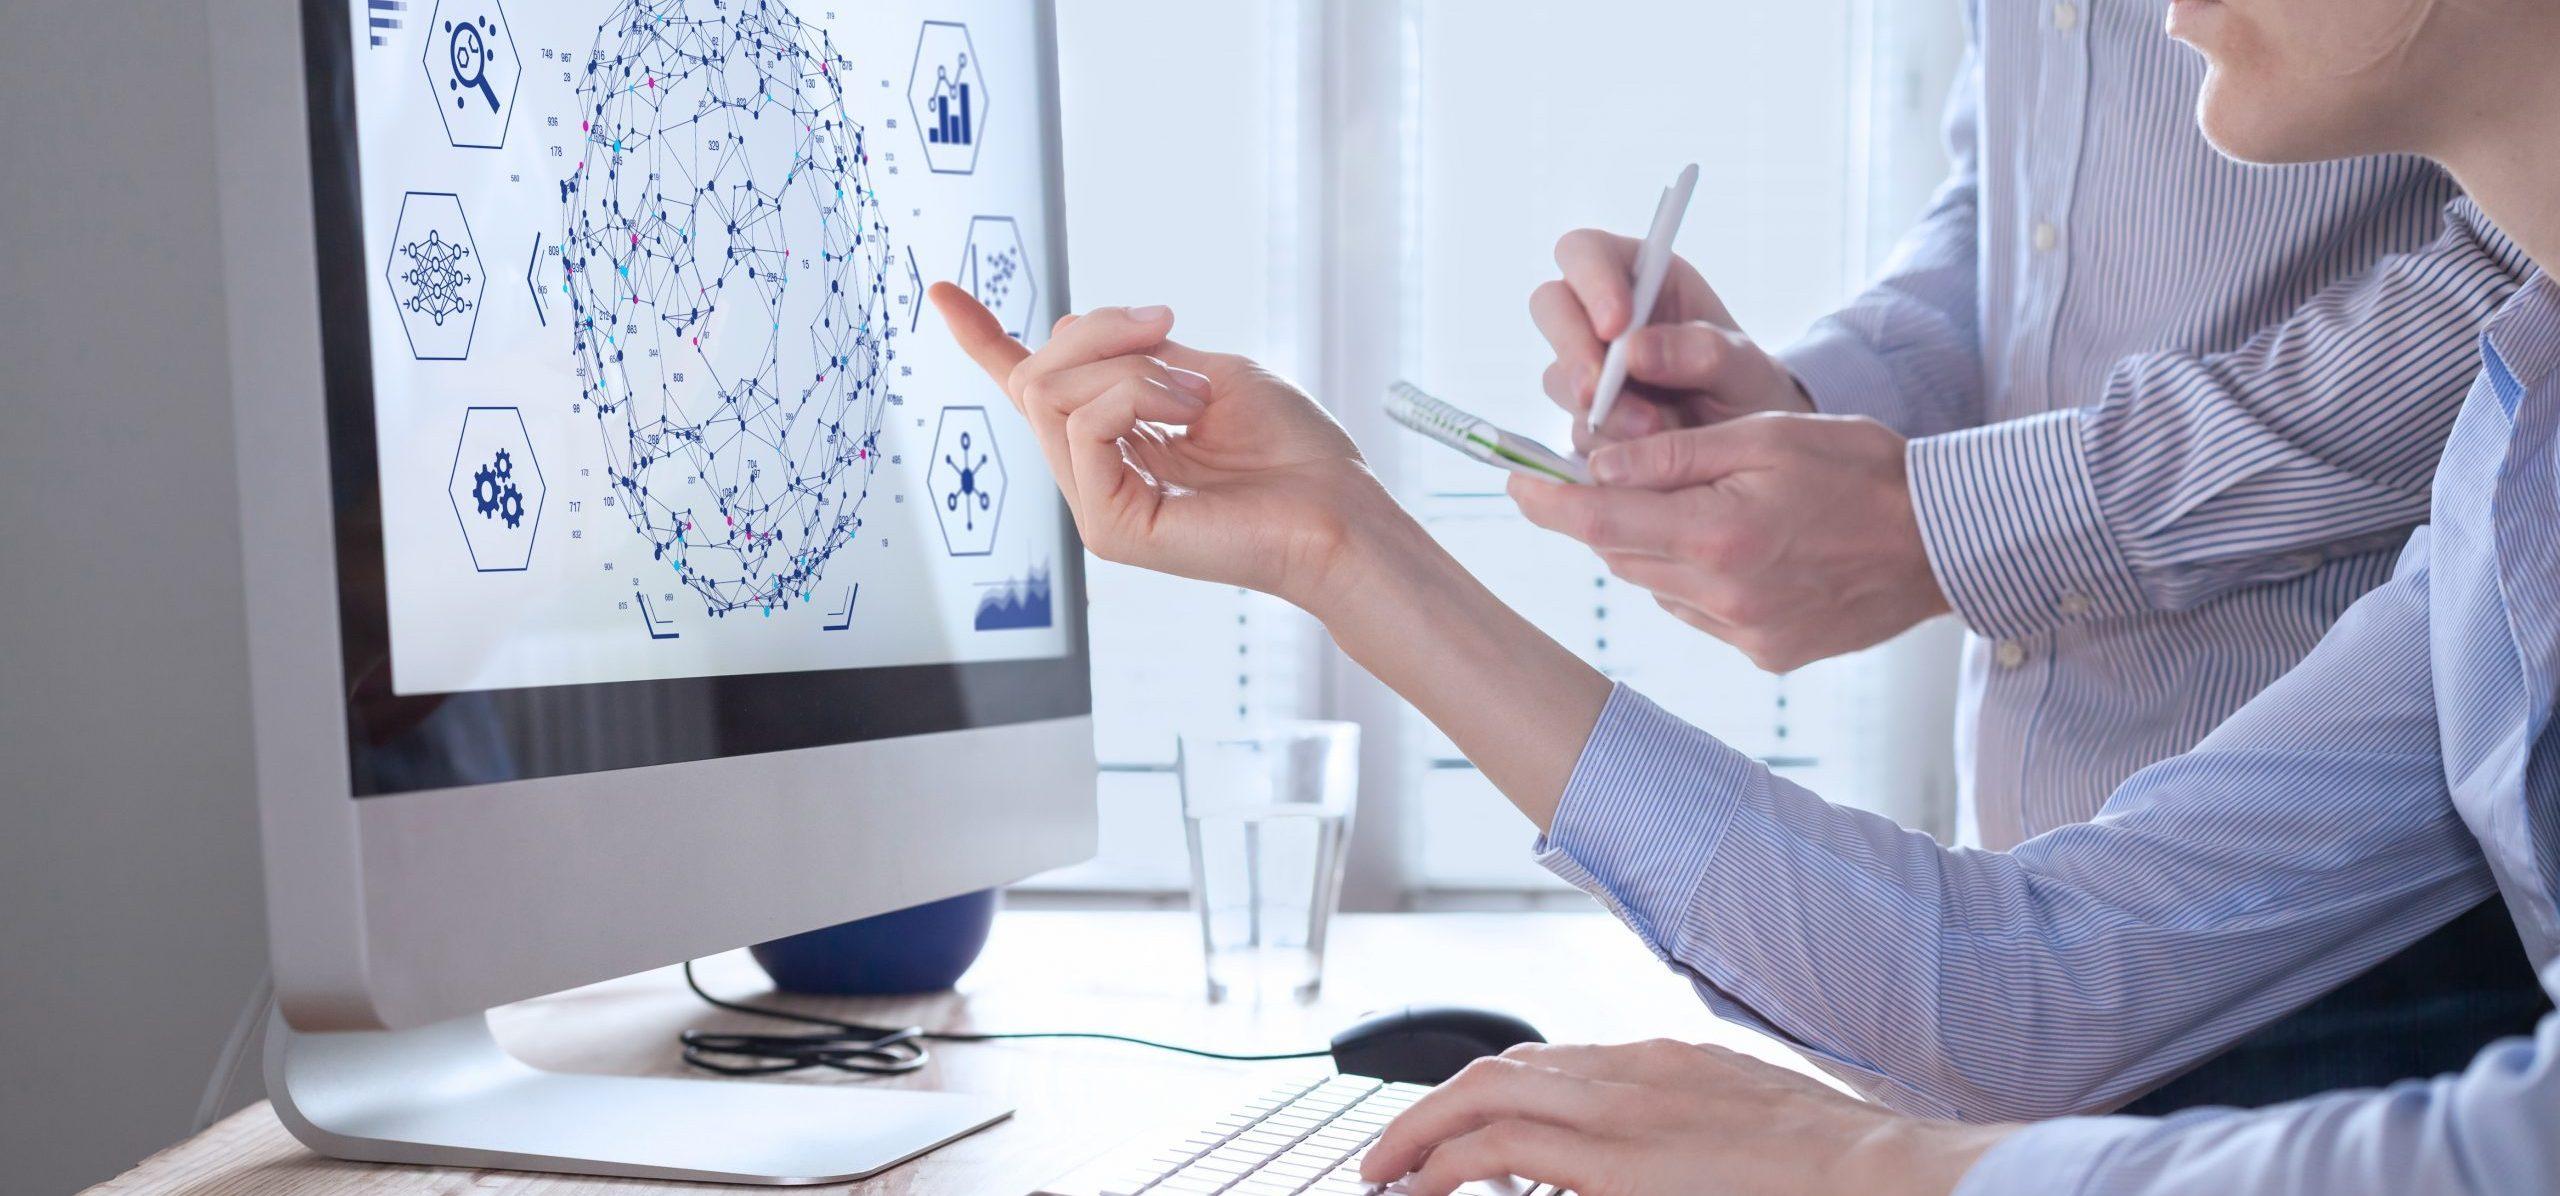 Big Data e S&OP - os dois podem conviver